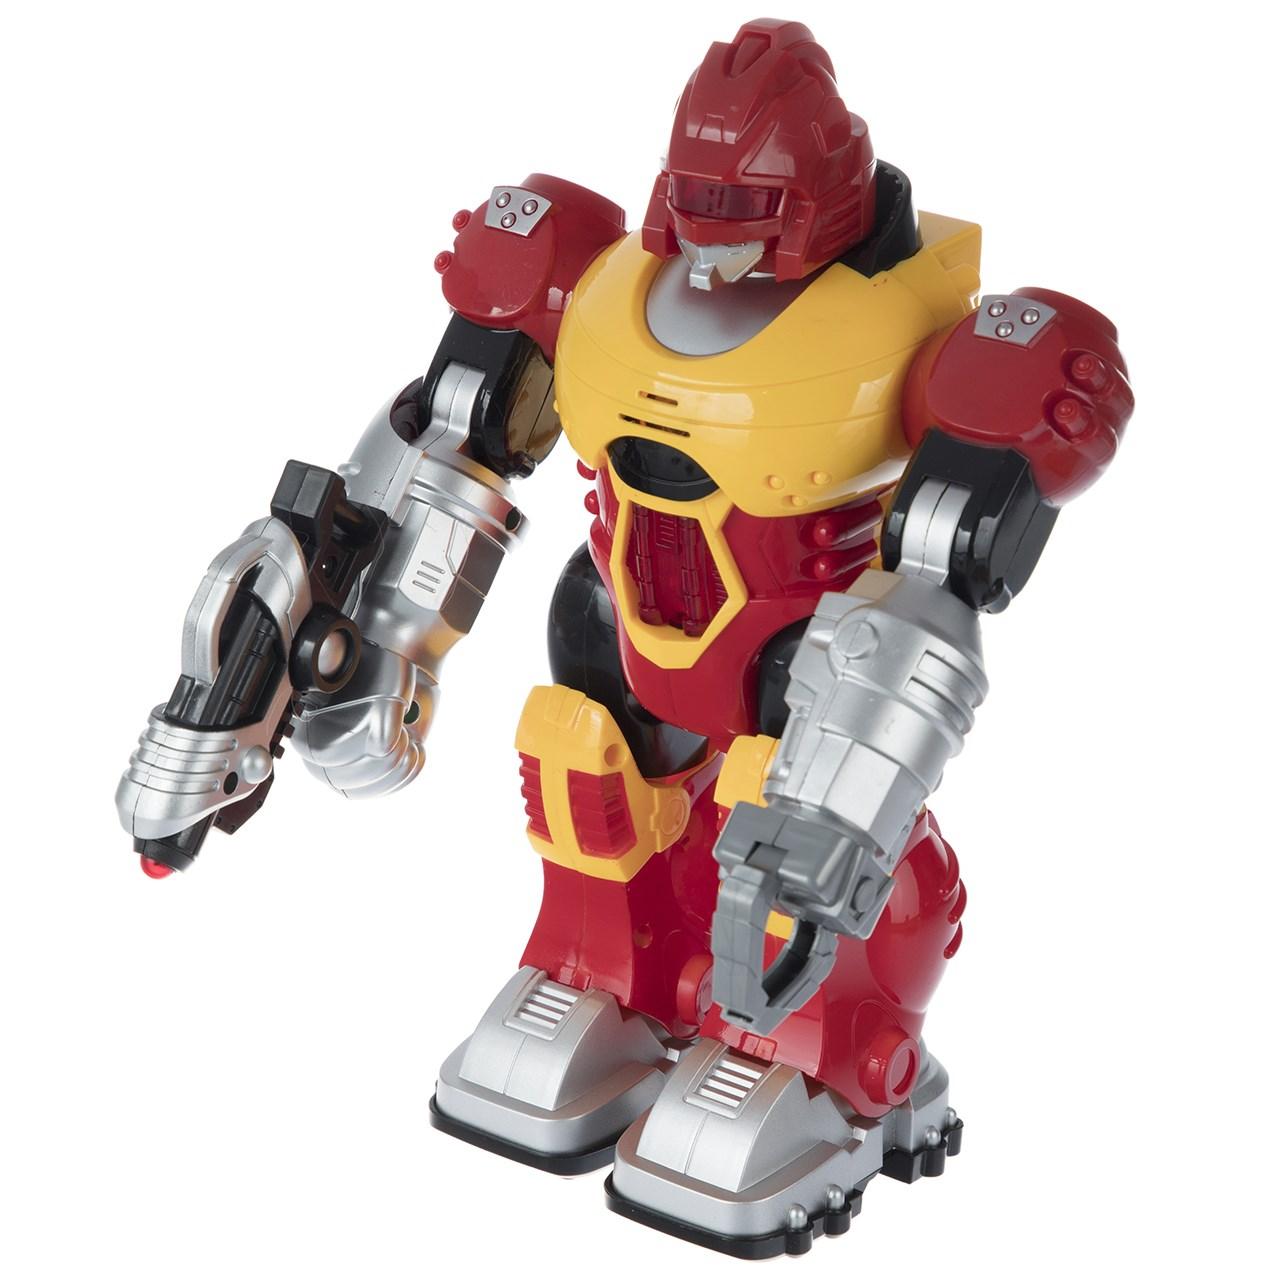 ربات اسباب بازی تری استارز مدل Transformers Android Warrior